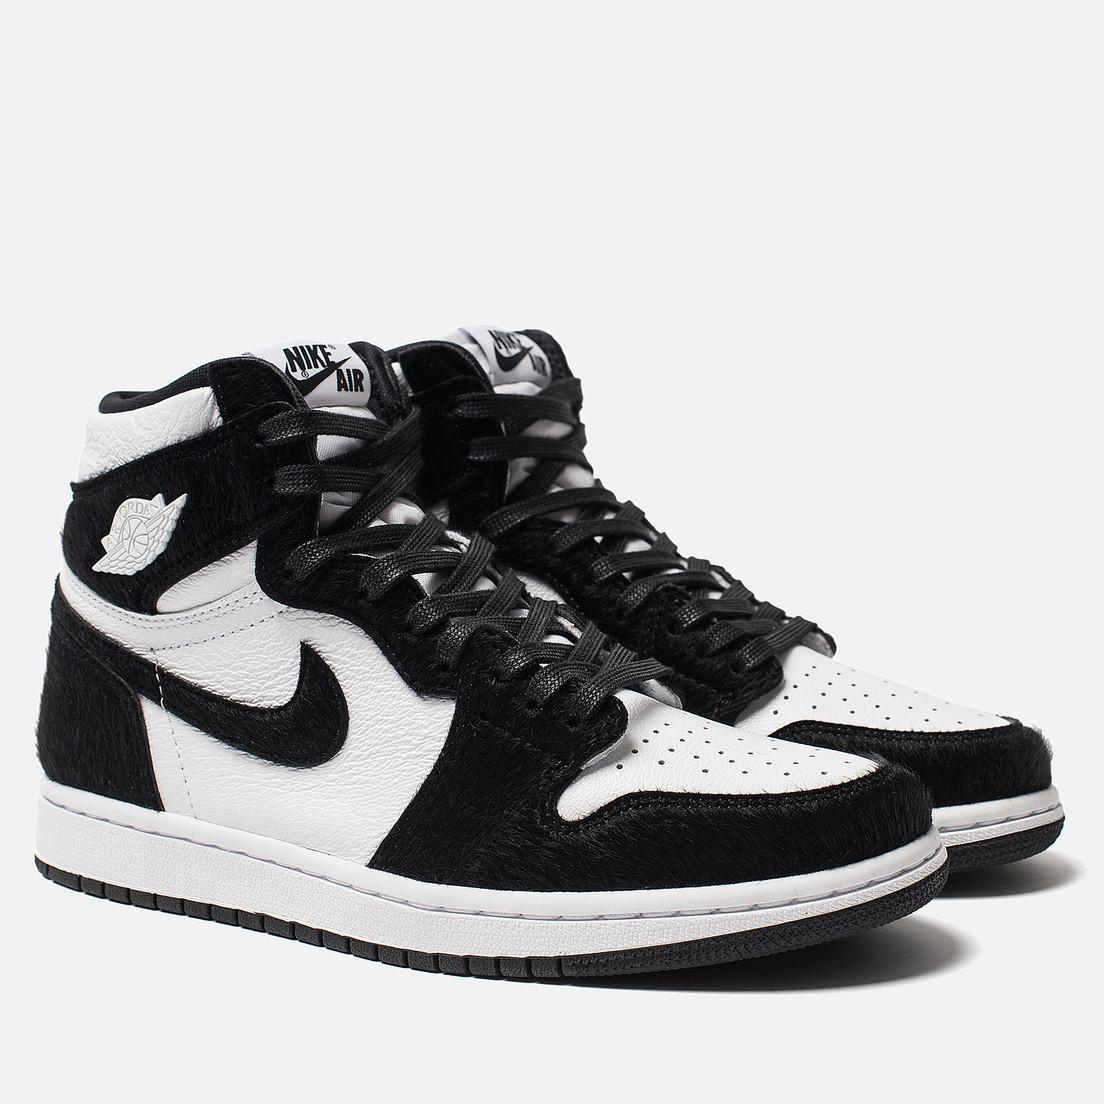 Високі кросівки в стилі найк Джордан на хутрі Air Jordan Retro What Black